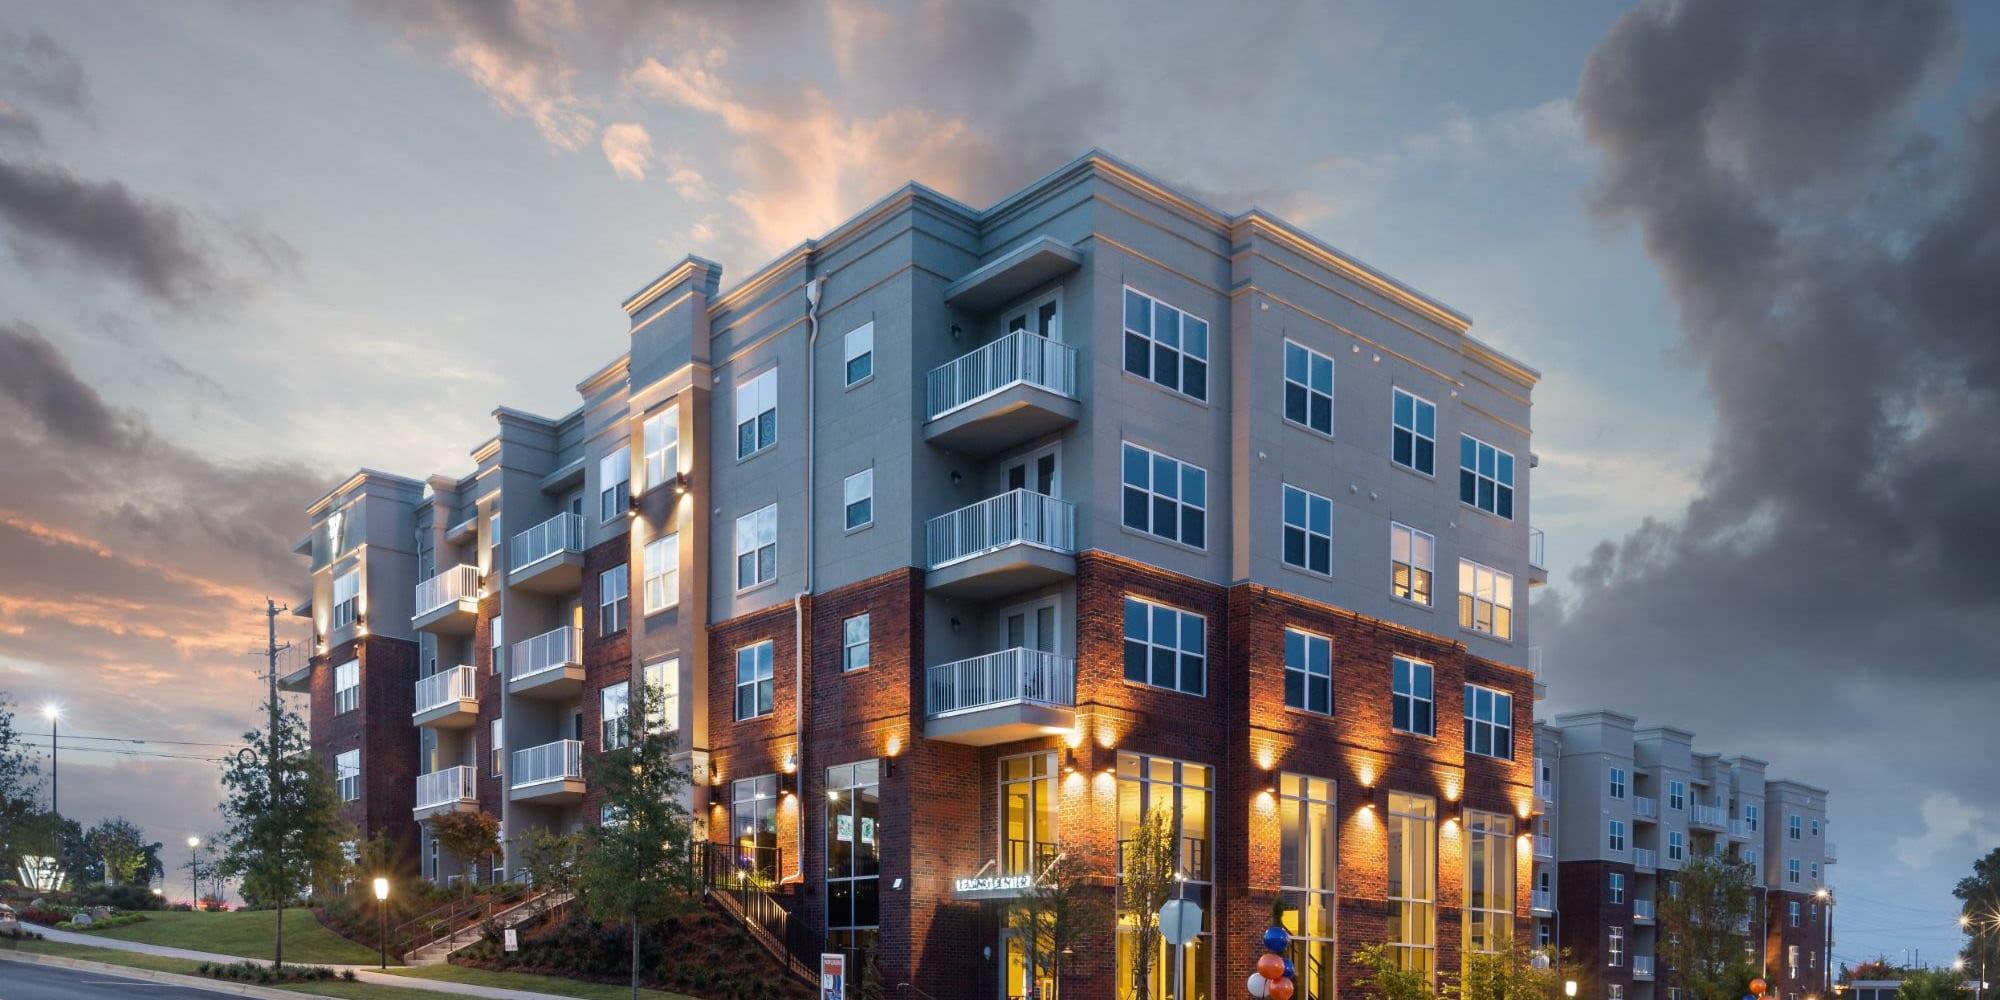 Apartments in Charlotte, North Carolina at 8 Metro Station